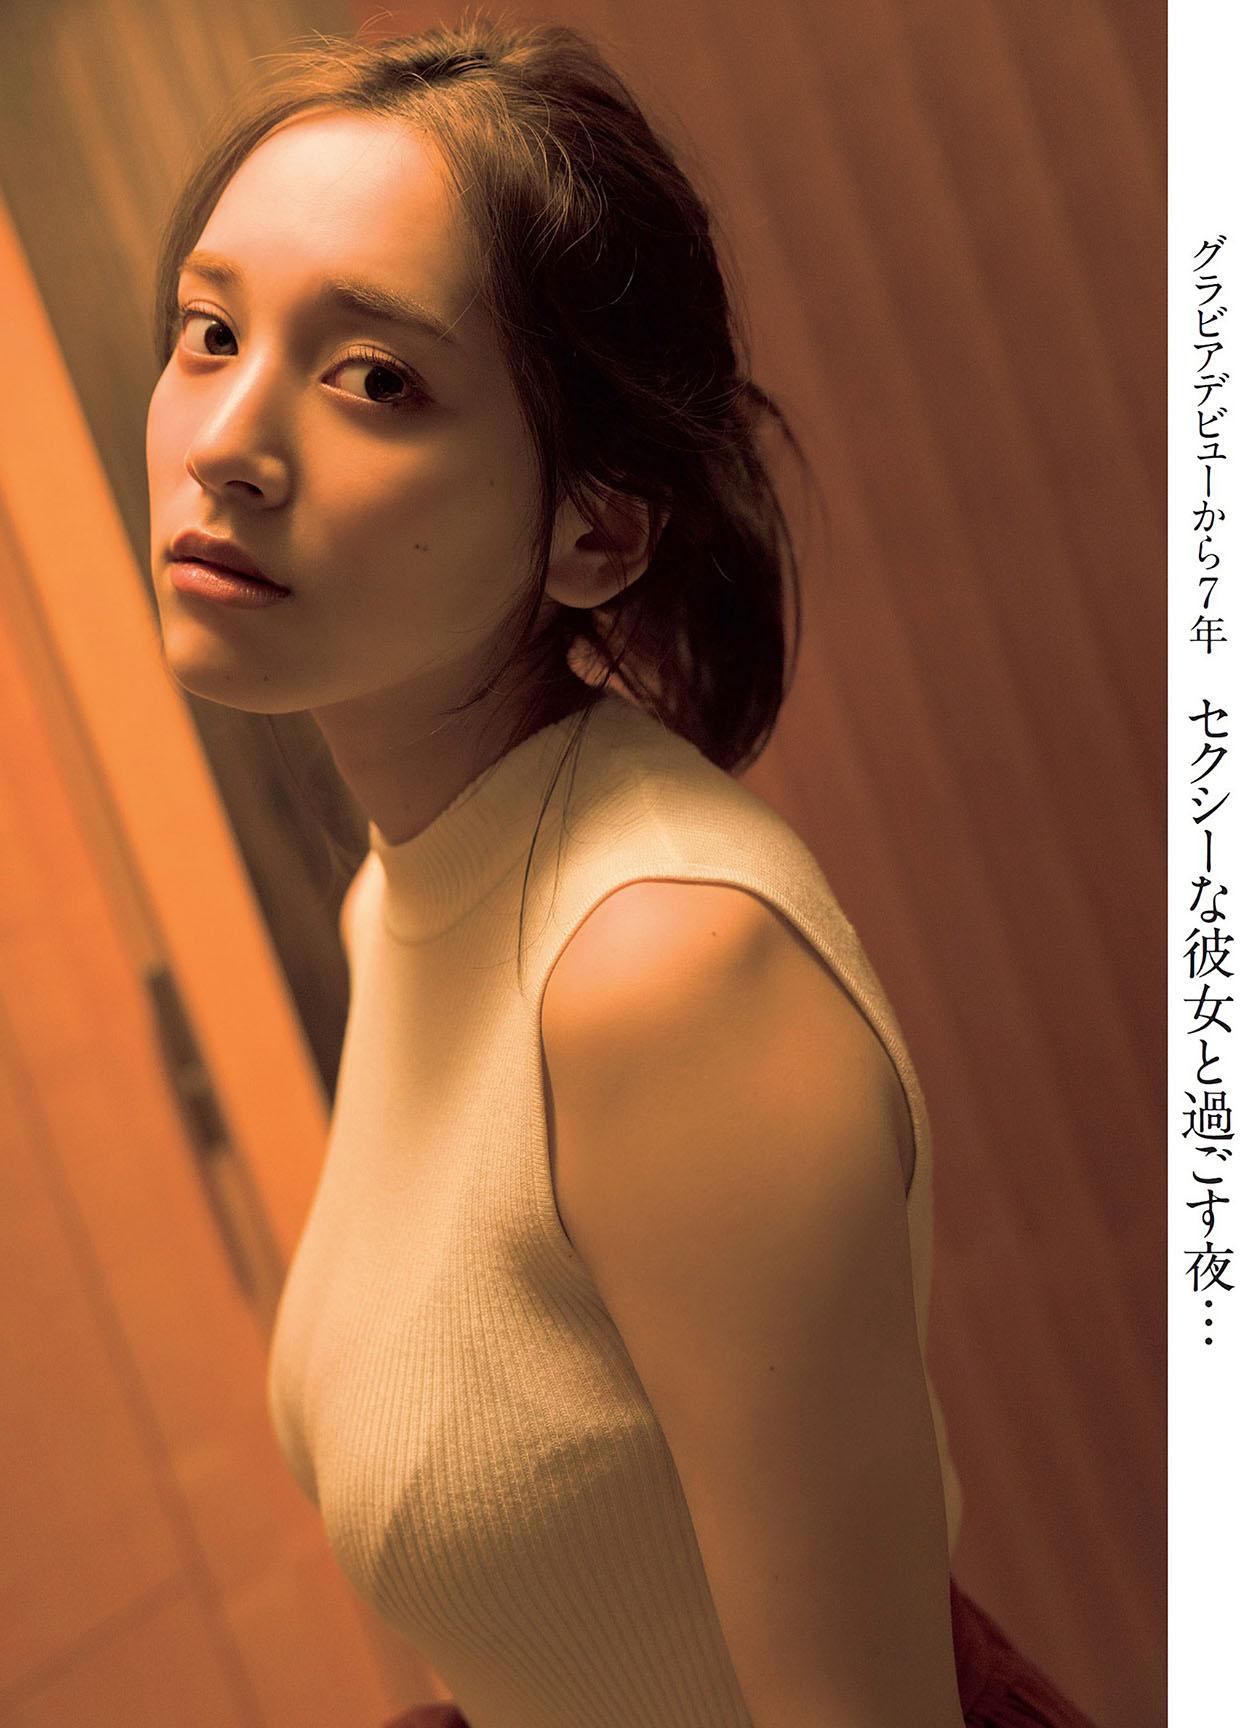 Sayaka Tomaru Flash 210921 06.jpg